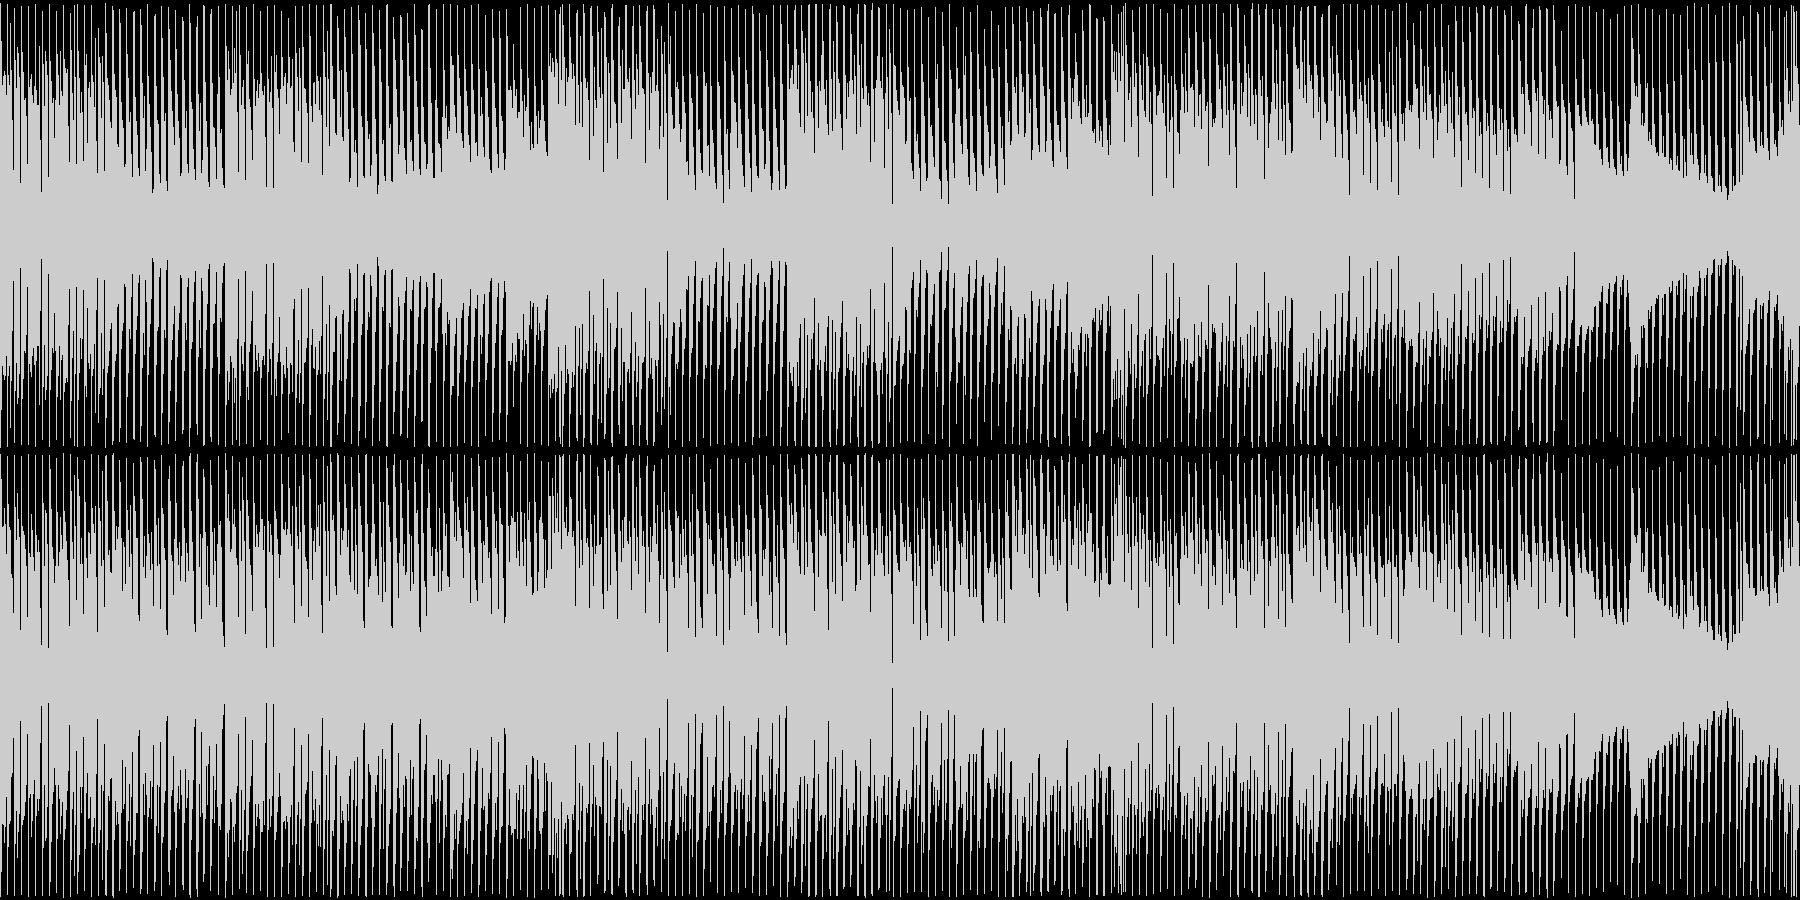 【ループ仕様】爽やかで怪しいBGMの未再生の波形